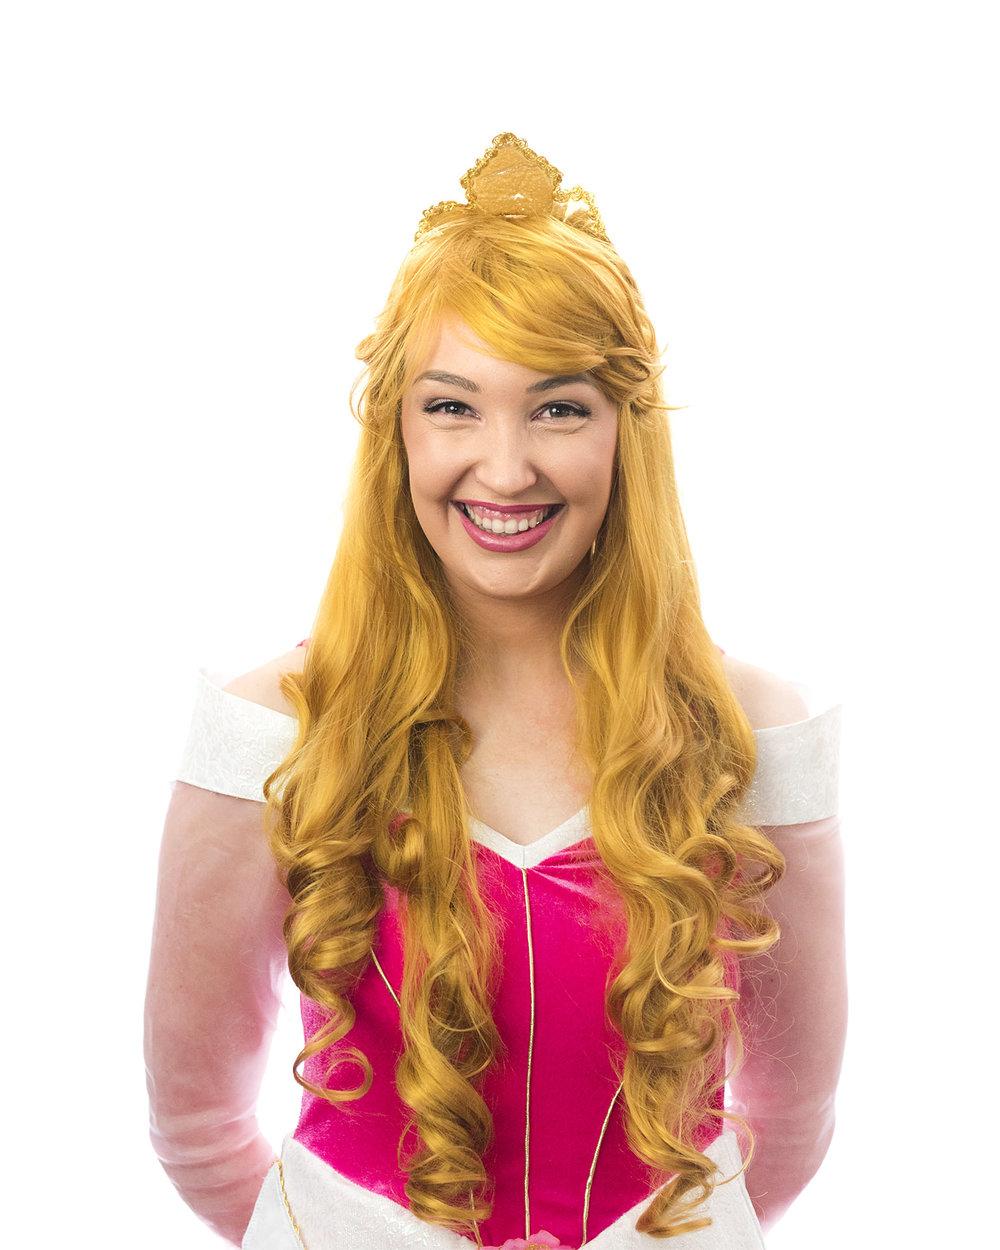 Princess Parties Melbourne 0002 Jaccob McKay.jpg